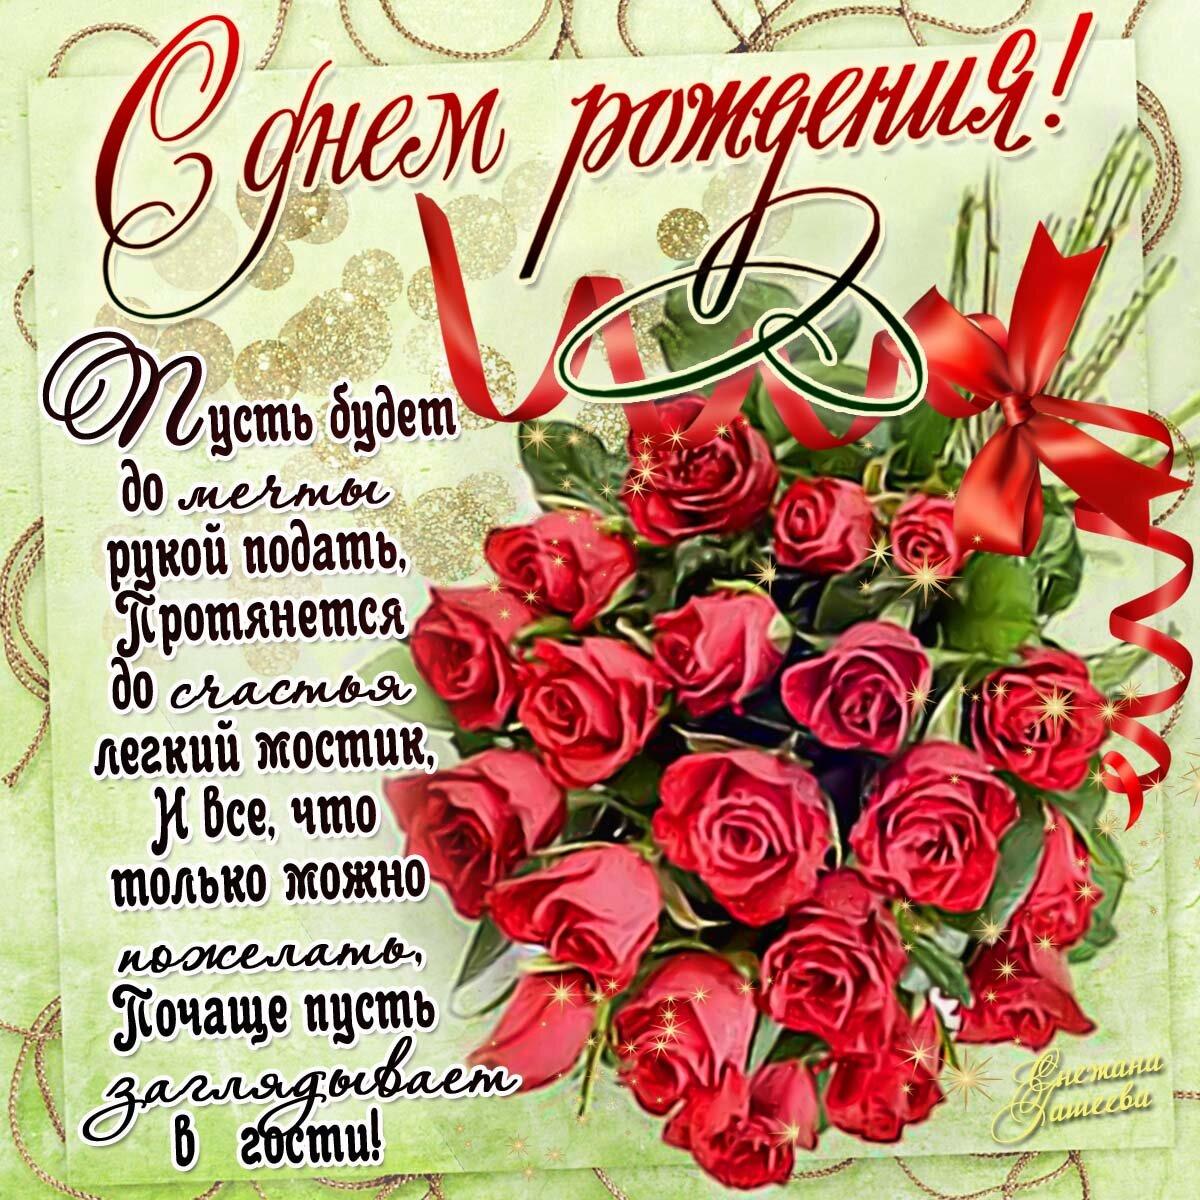 Самые красивые поздравления женщине ко дню рождения красивые